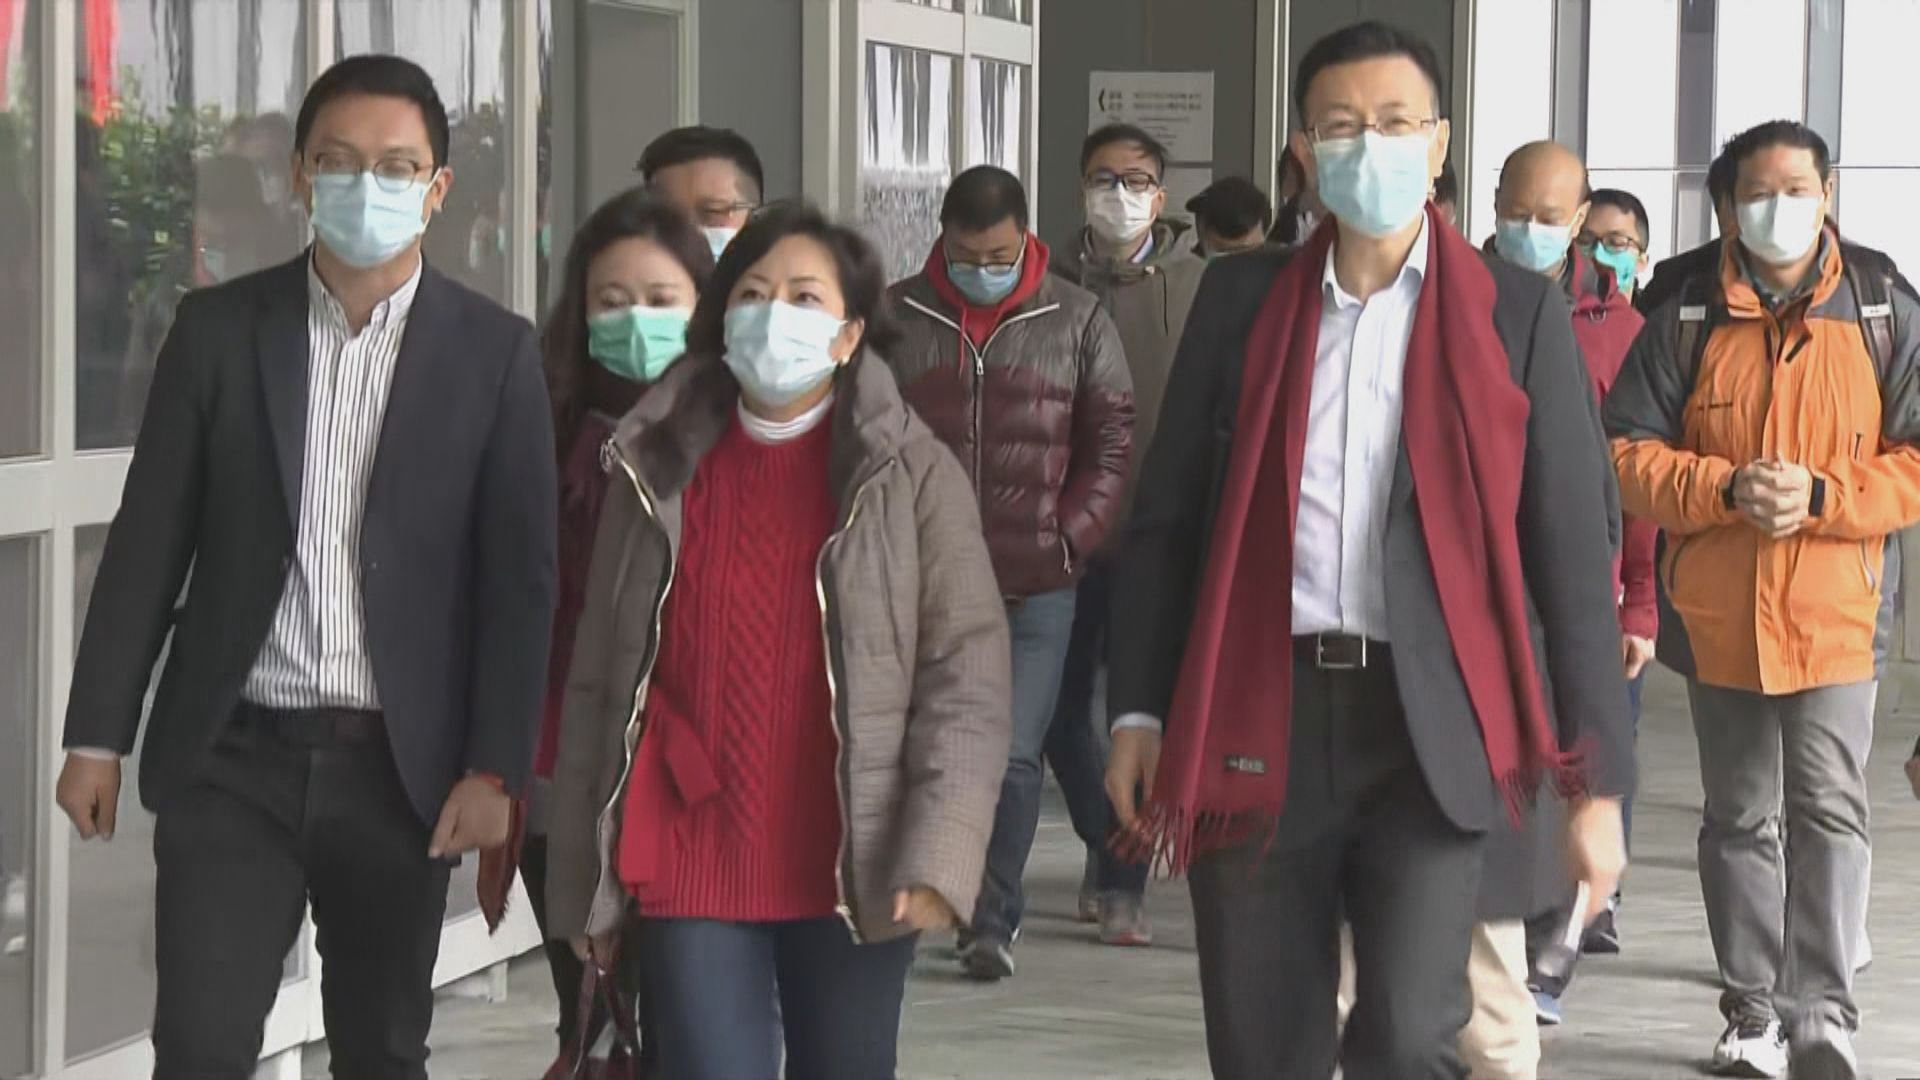 工聯會晤林鄭倡向港人派口罩及防疫用品